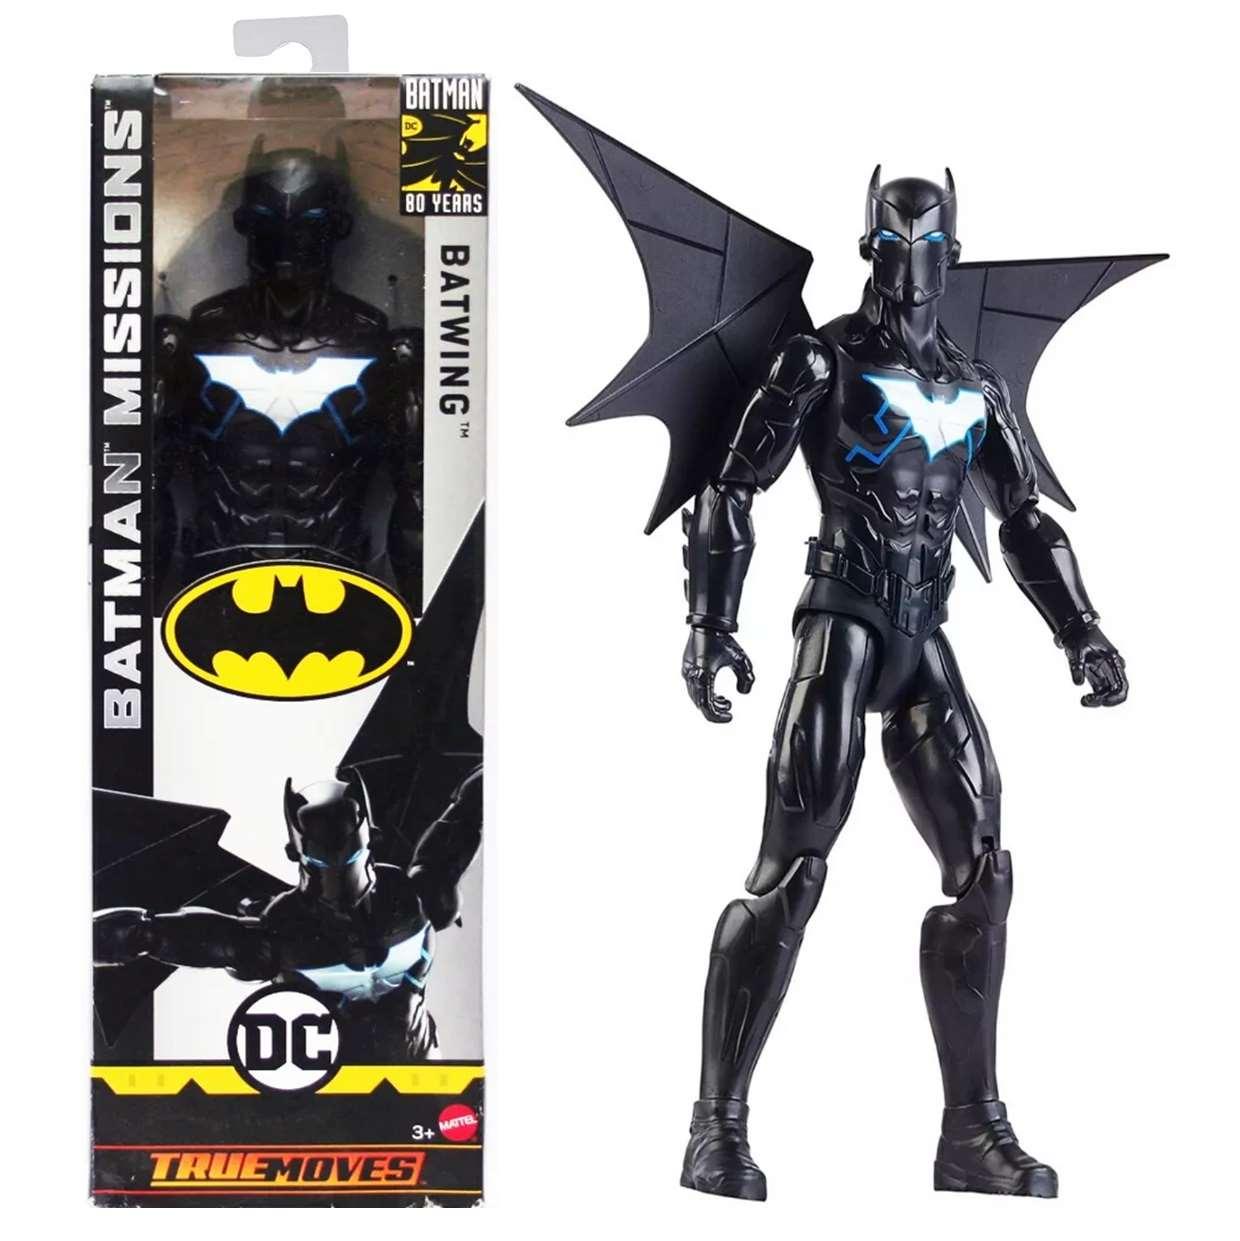 Batwing Figura Batman Missions Dc Comics True Moves 12 Pulg